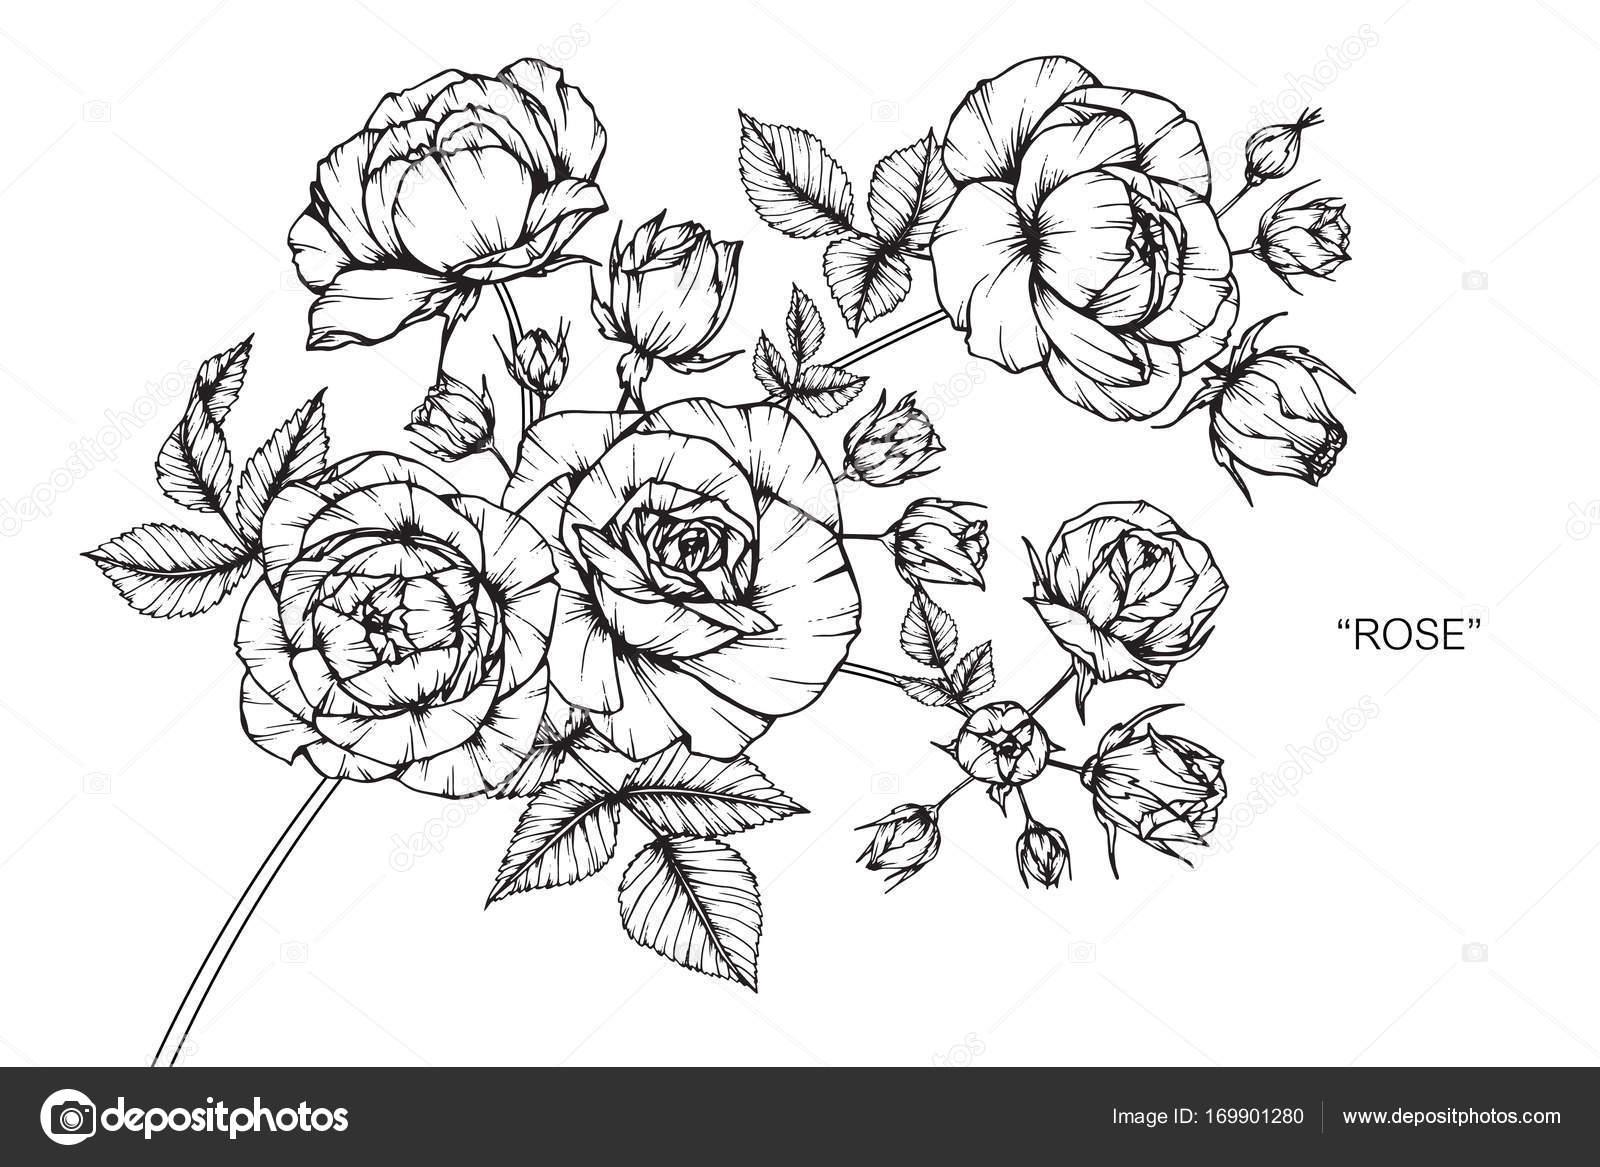 Flor Rosas Sketch Com Linha Preta Branca Arte Desenho — Vetor de ...